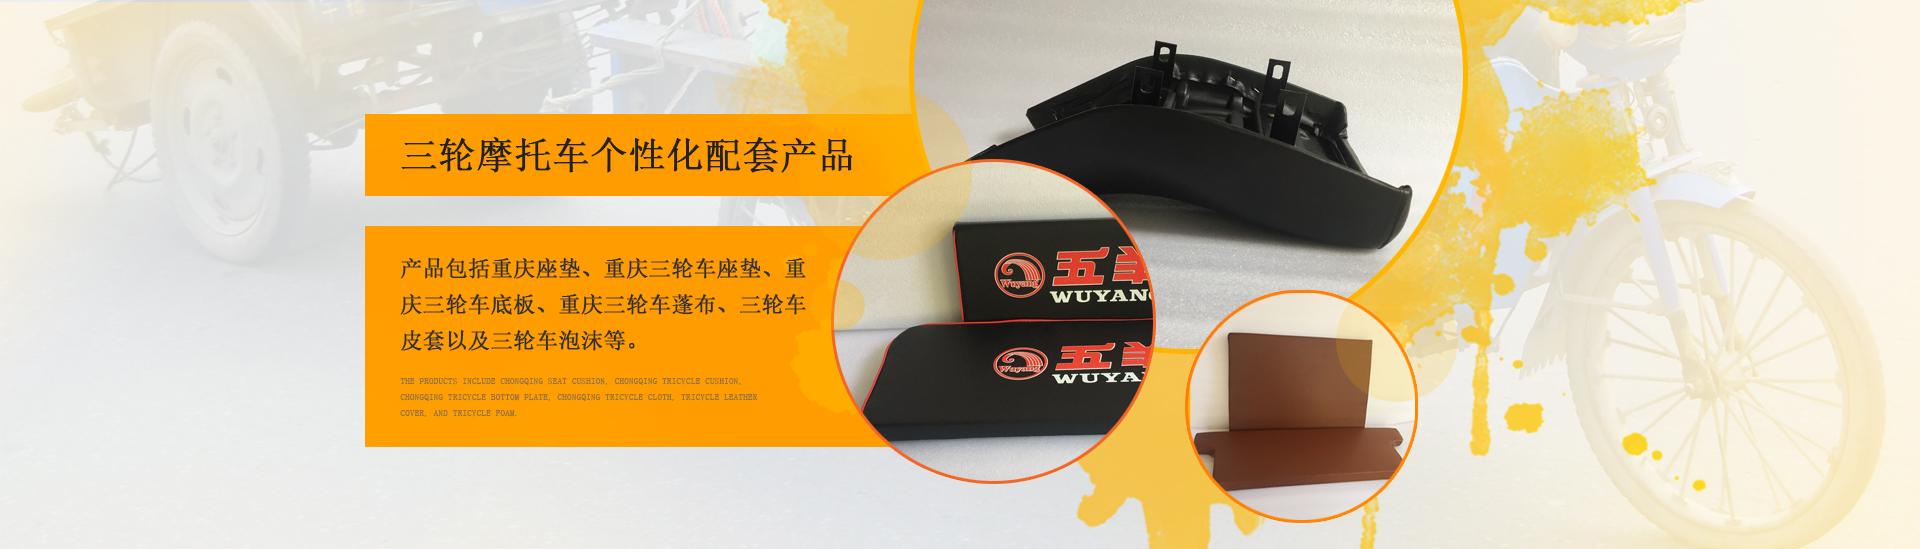 重庆三轮车座垫